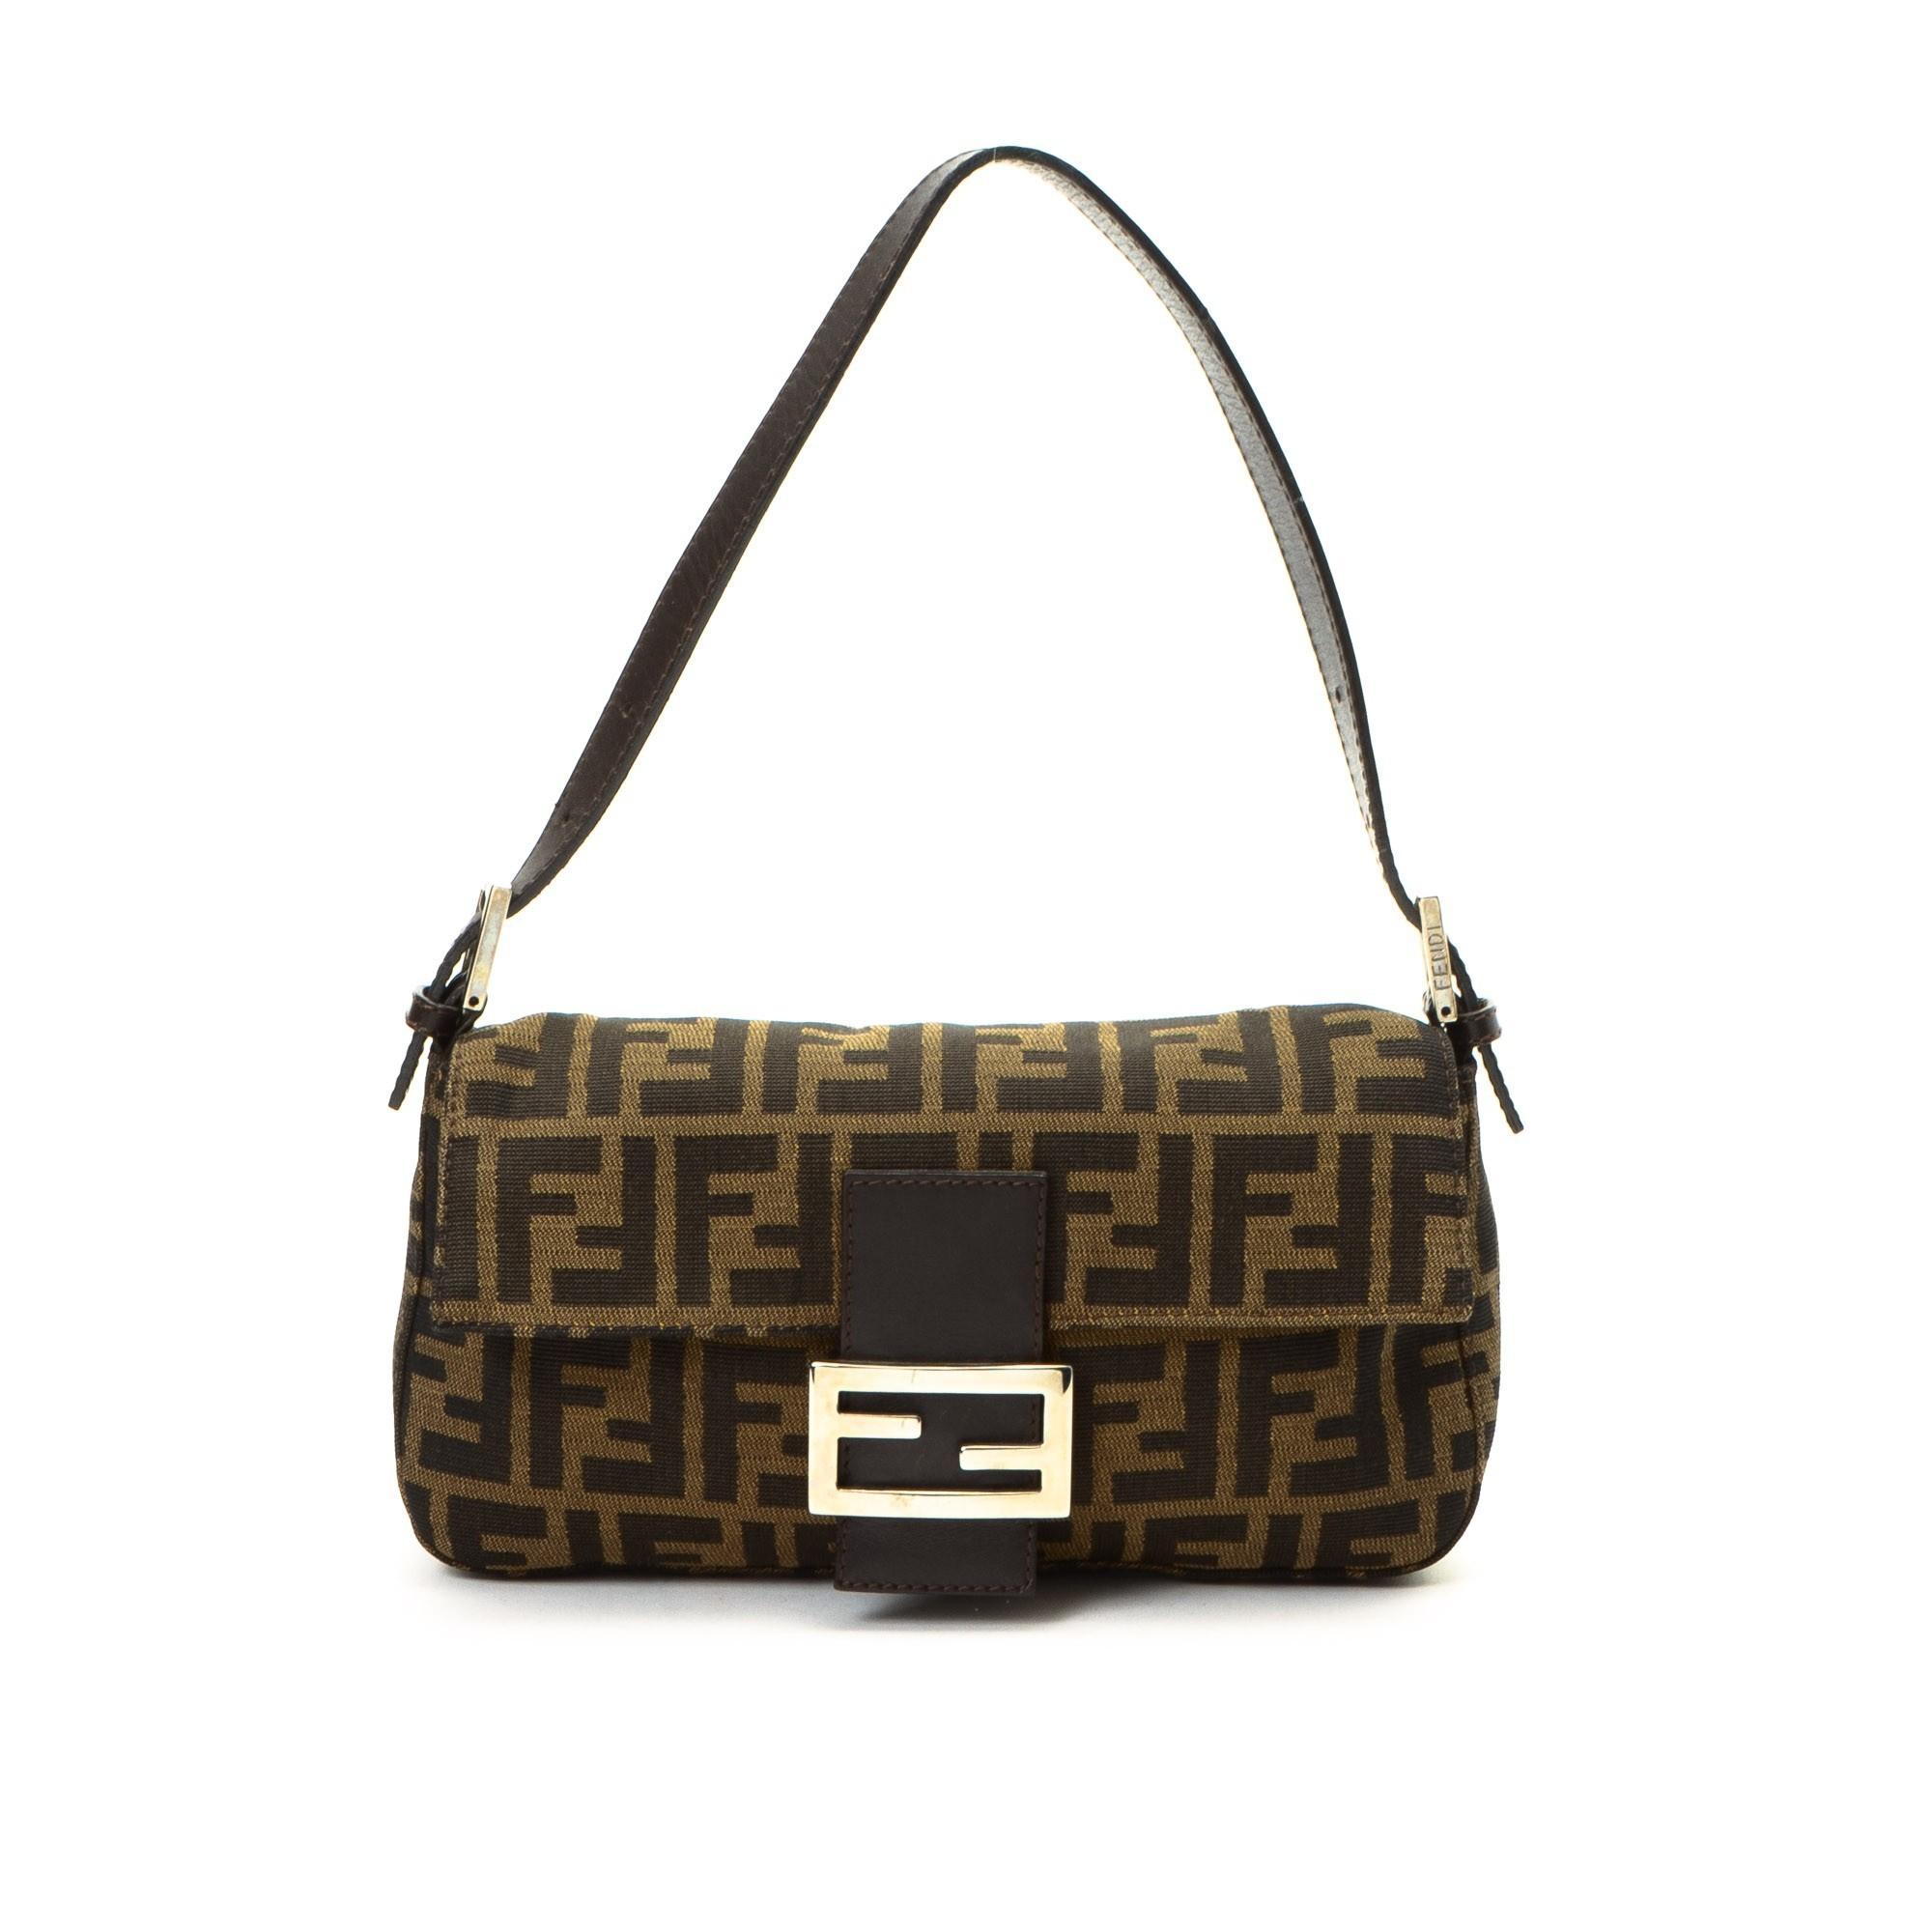 Buy Canvas Fendi Shoulder Bag at LXR&CO